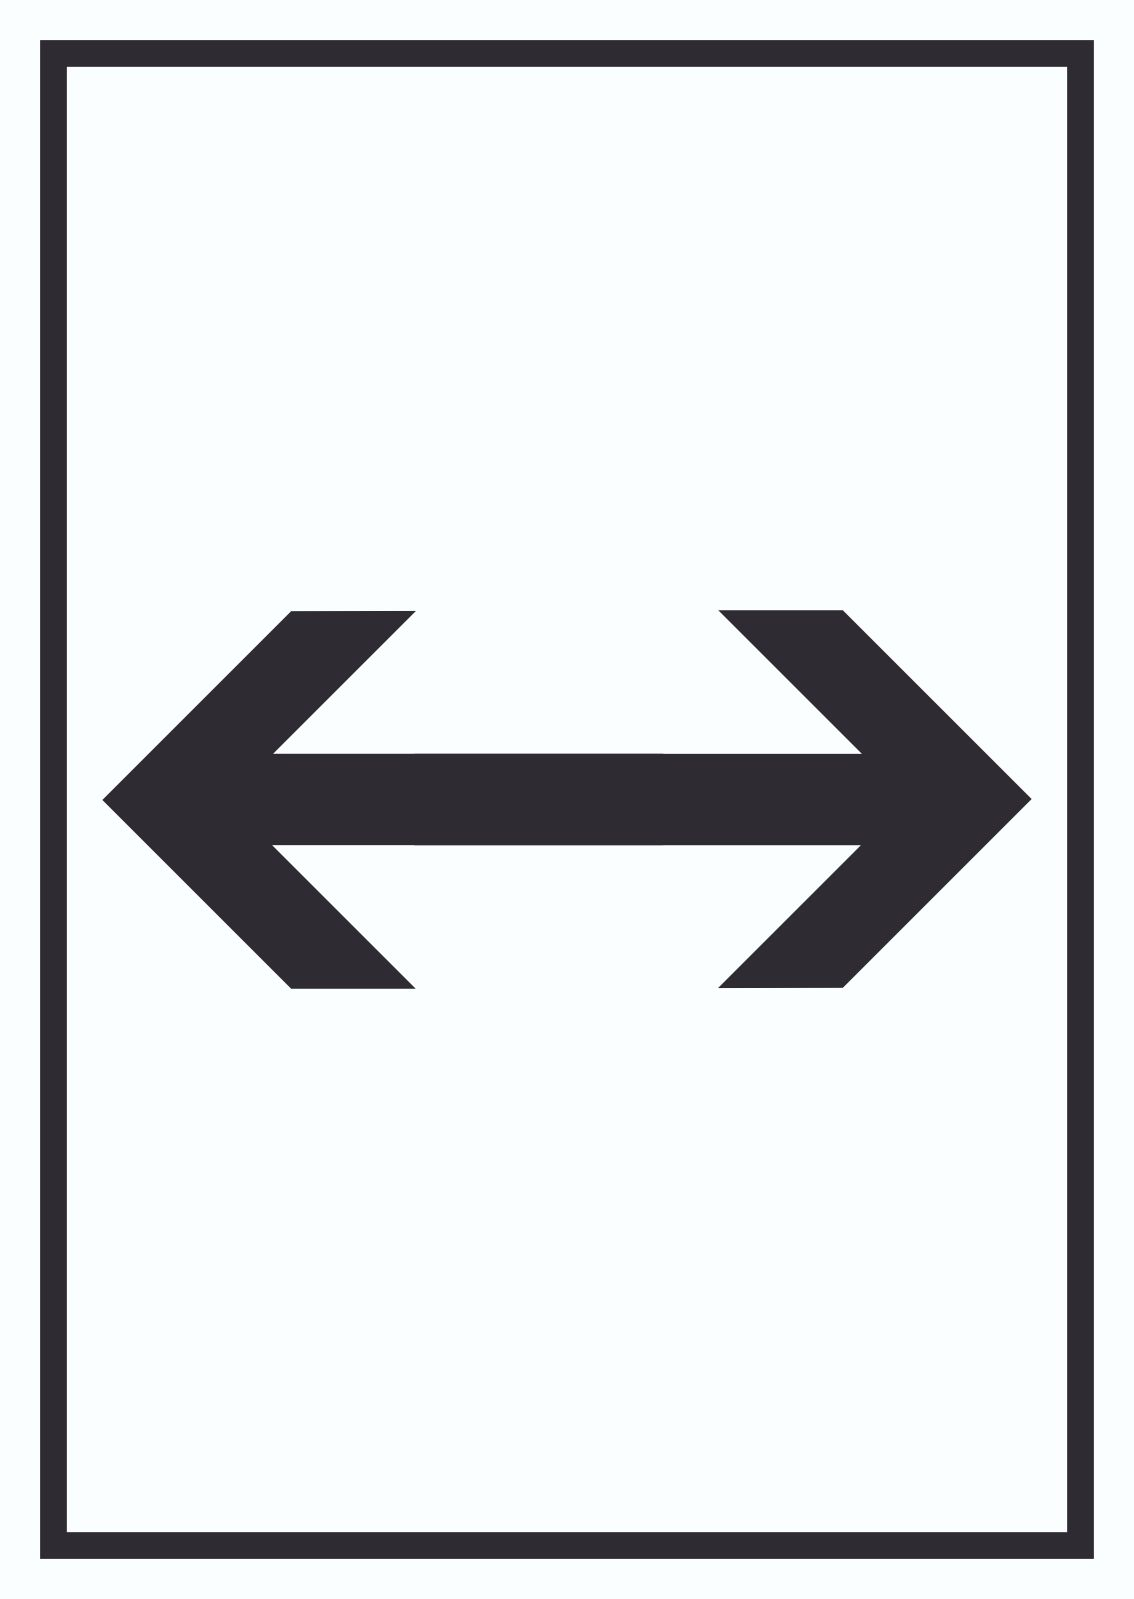 Richtungspfeil-links rechts oben unten-Schild 100 x 100 x 3 mm-Aluminium Edelstahloptik silber mattgeb/ürstet Hinweisschild-Warnschild-1910-41